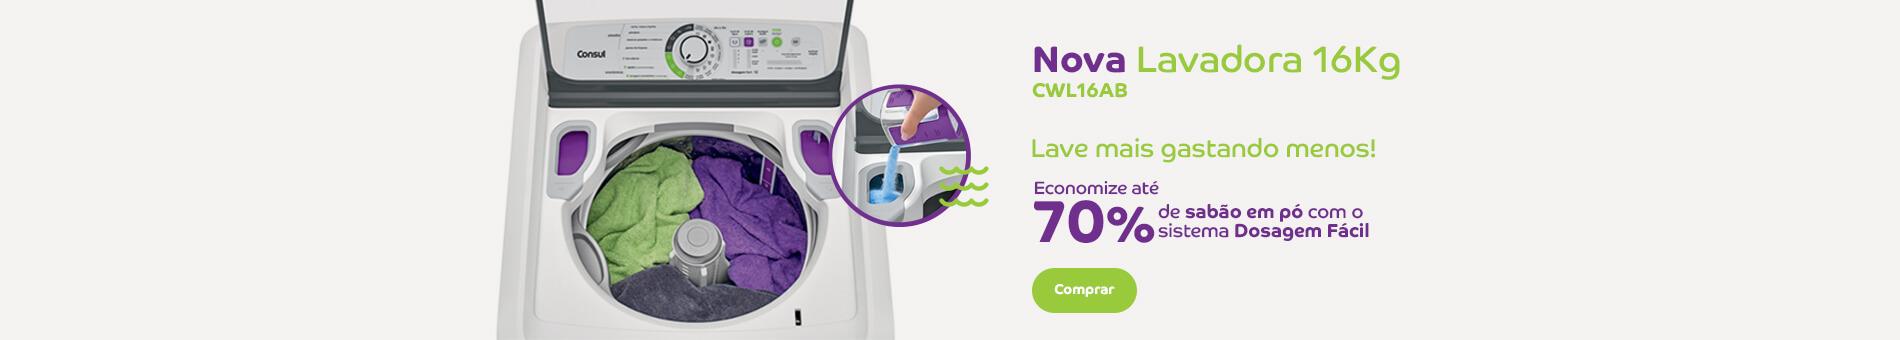 Promoção Interna - 429 - economiatotal_lavadora16_home_2052016 - lavadora16 - 5